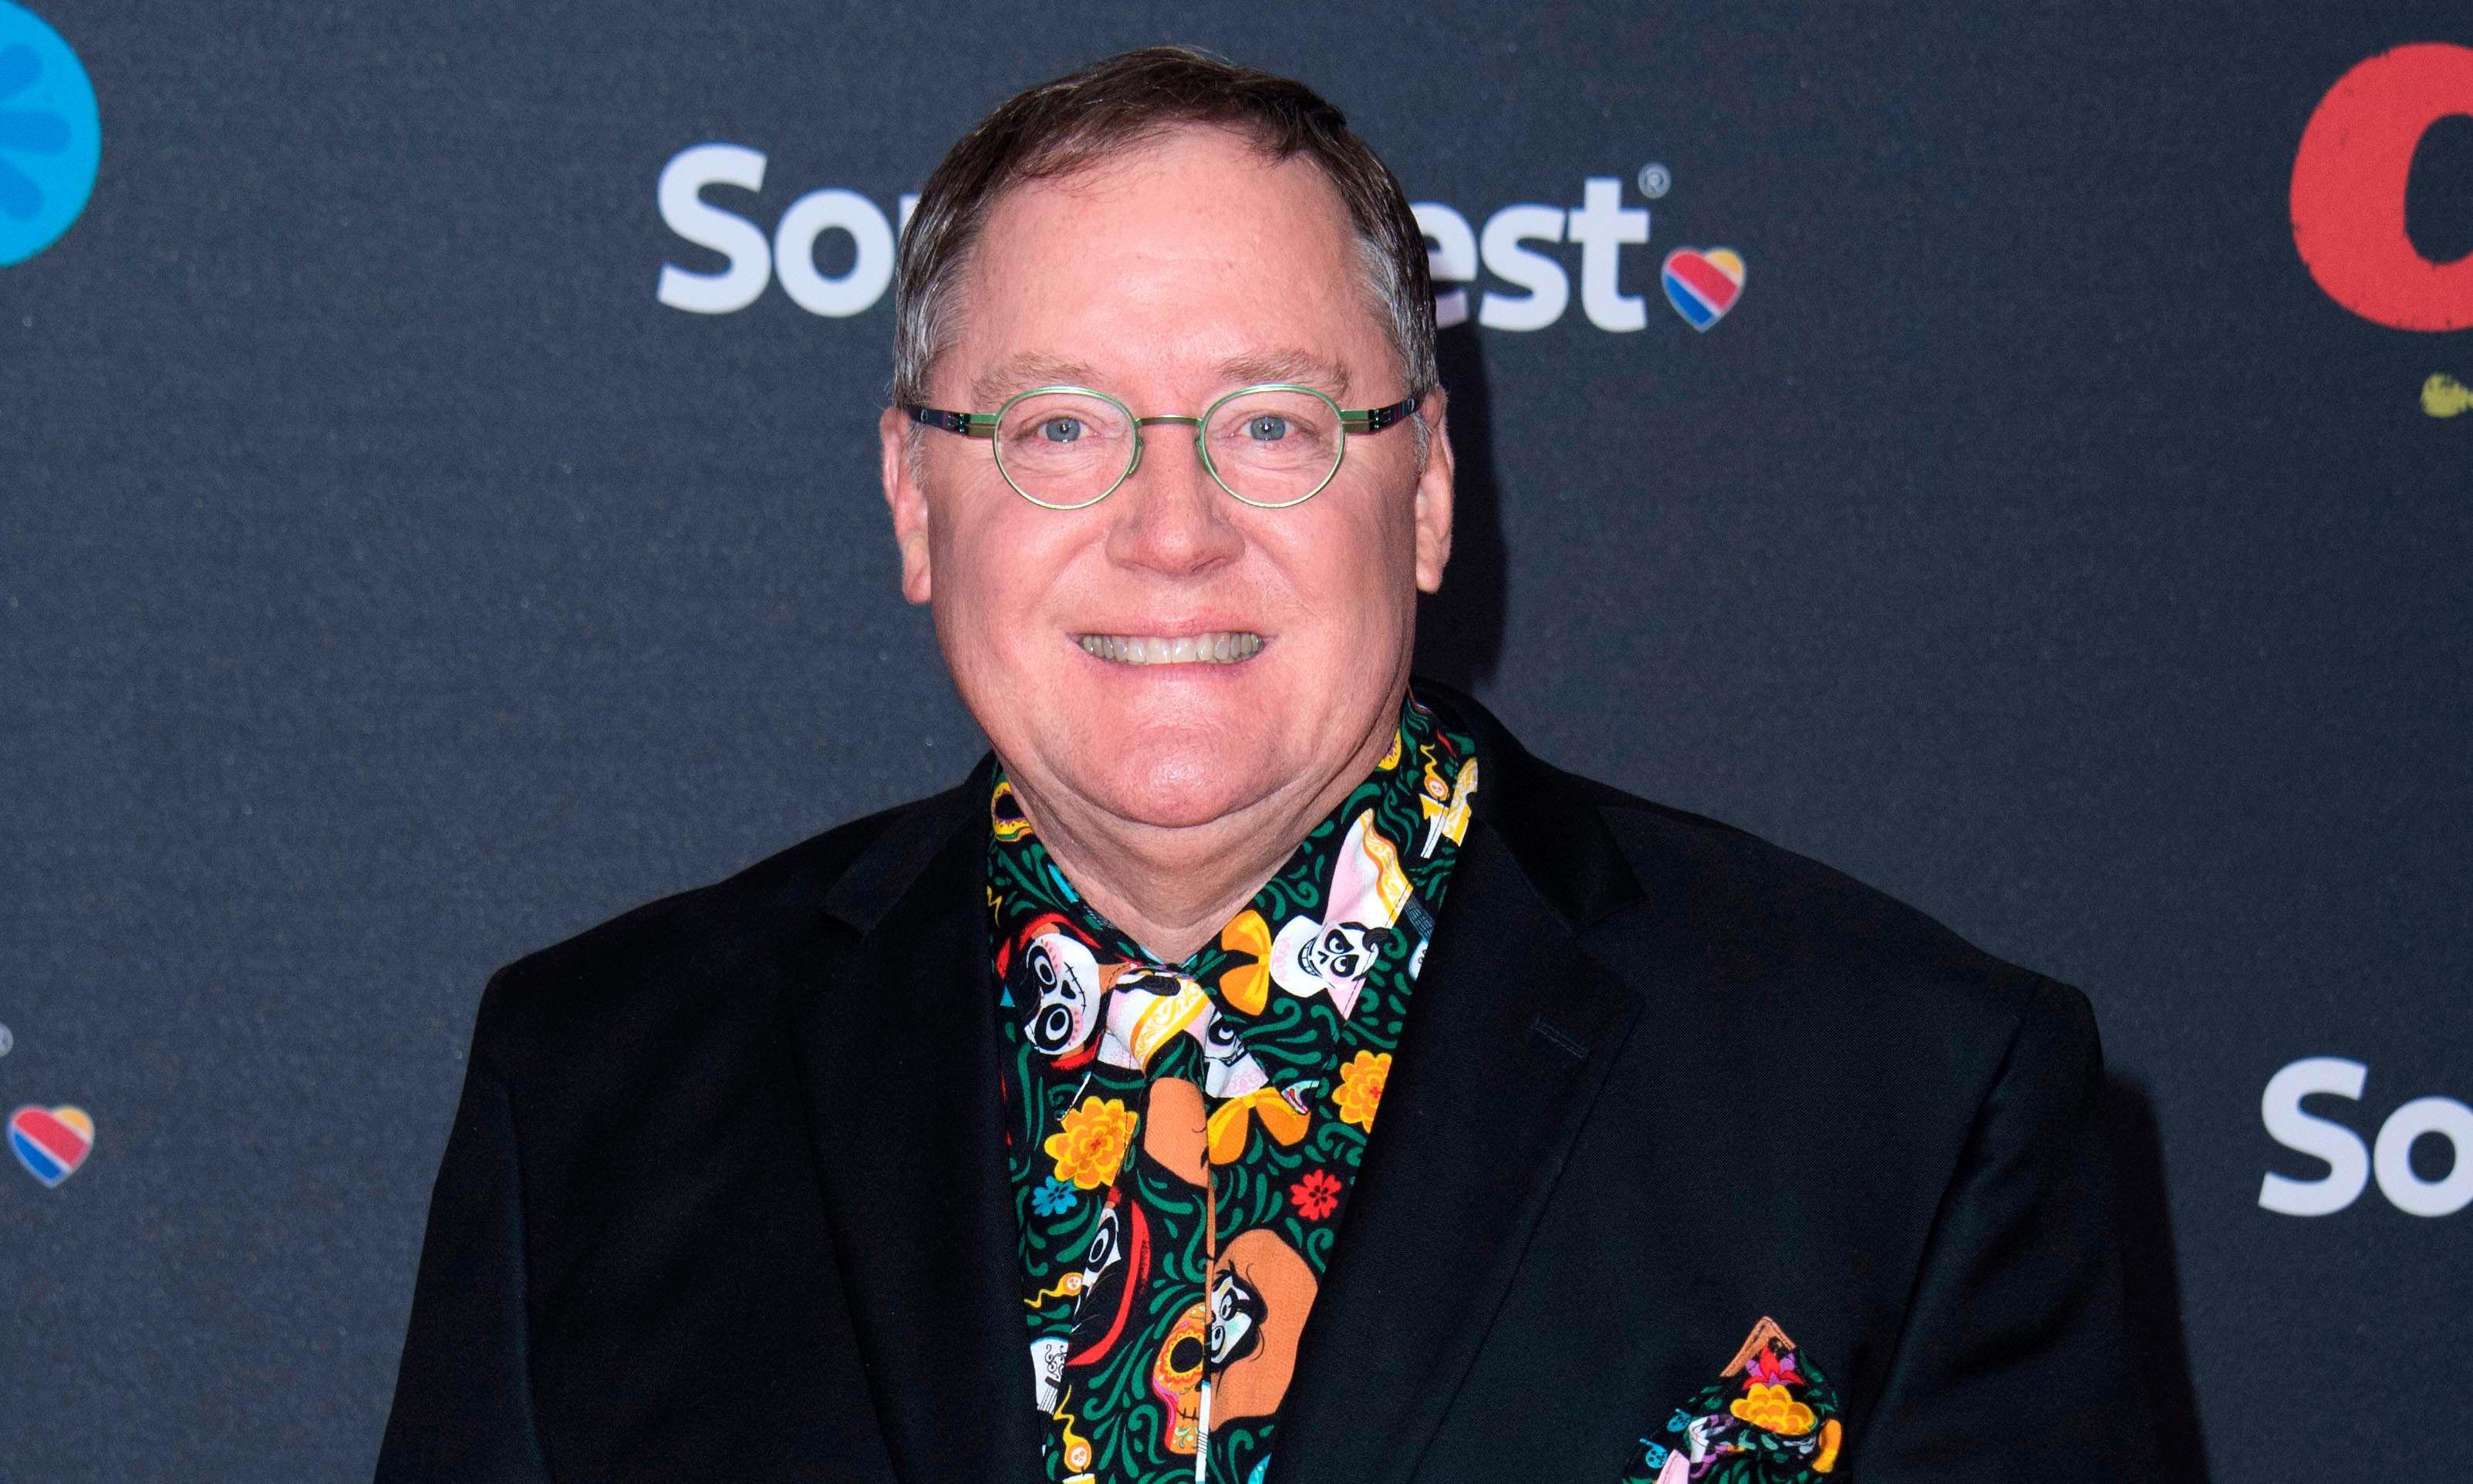 Pixar's John Lasseter steps down from Disney in wake of #MeToo